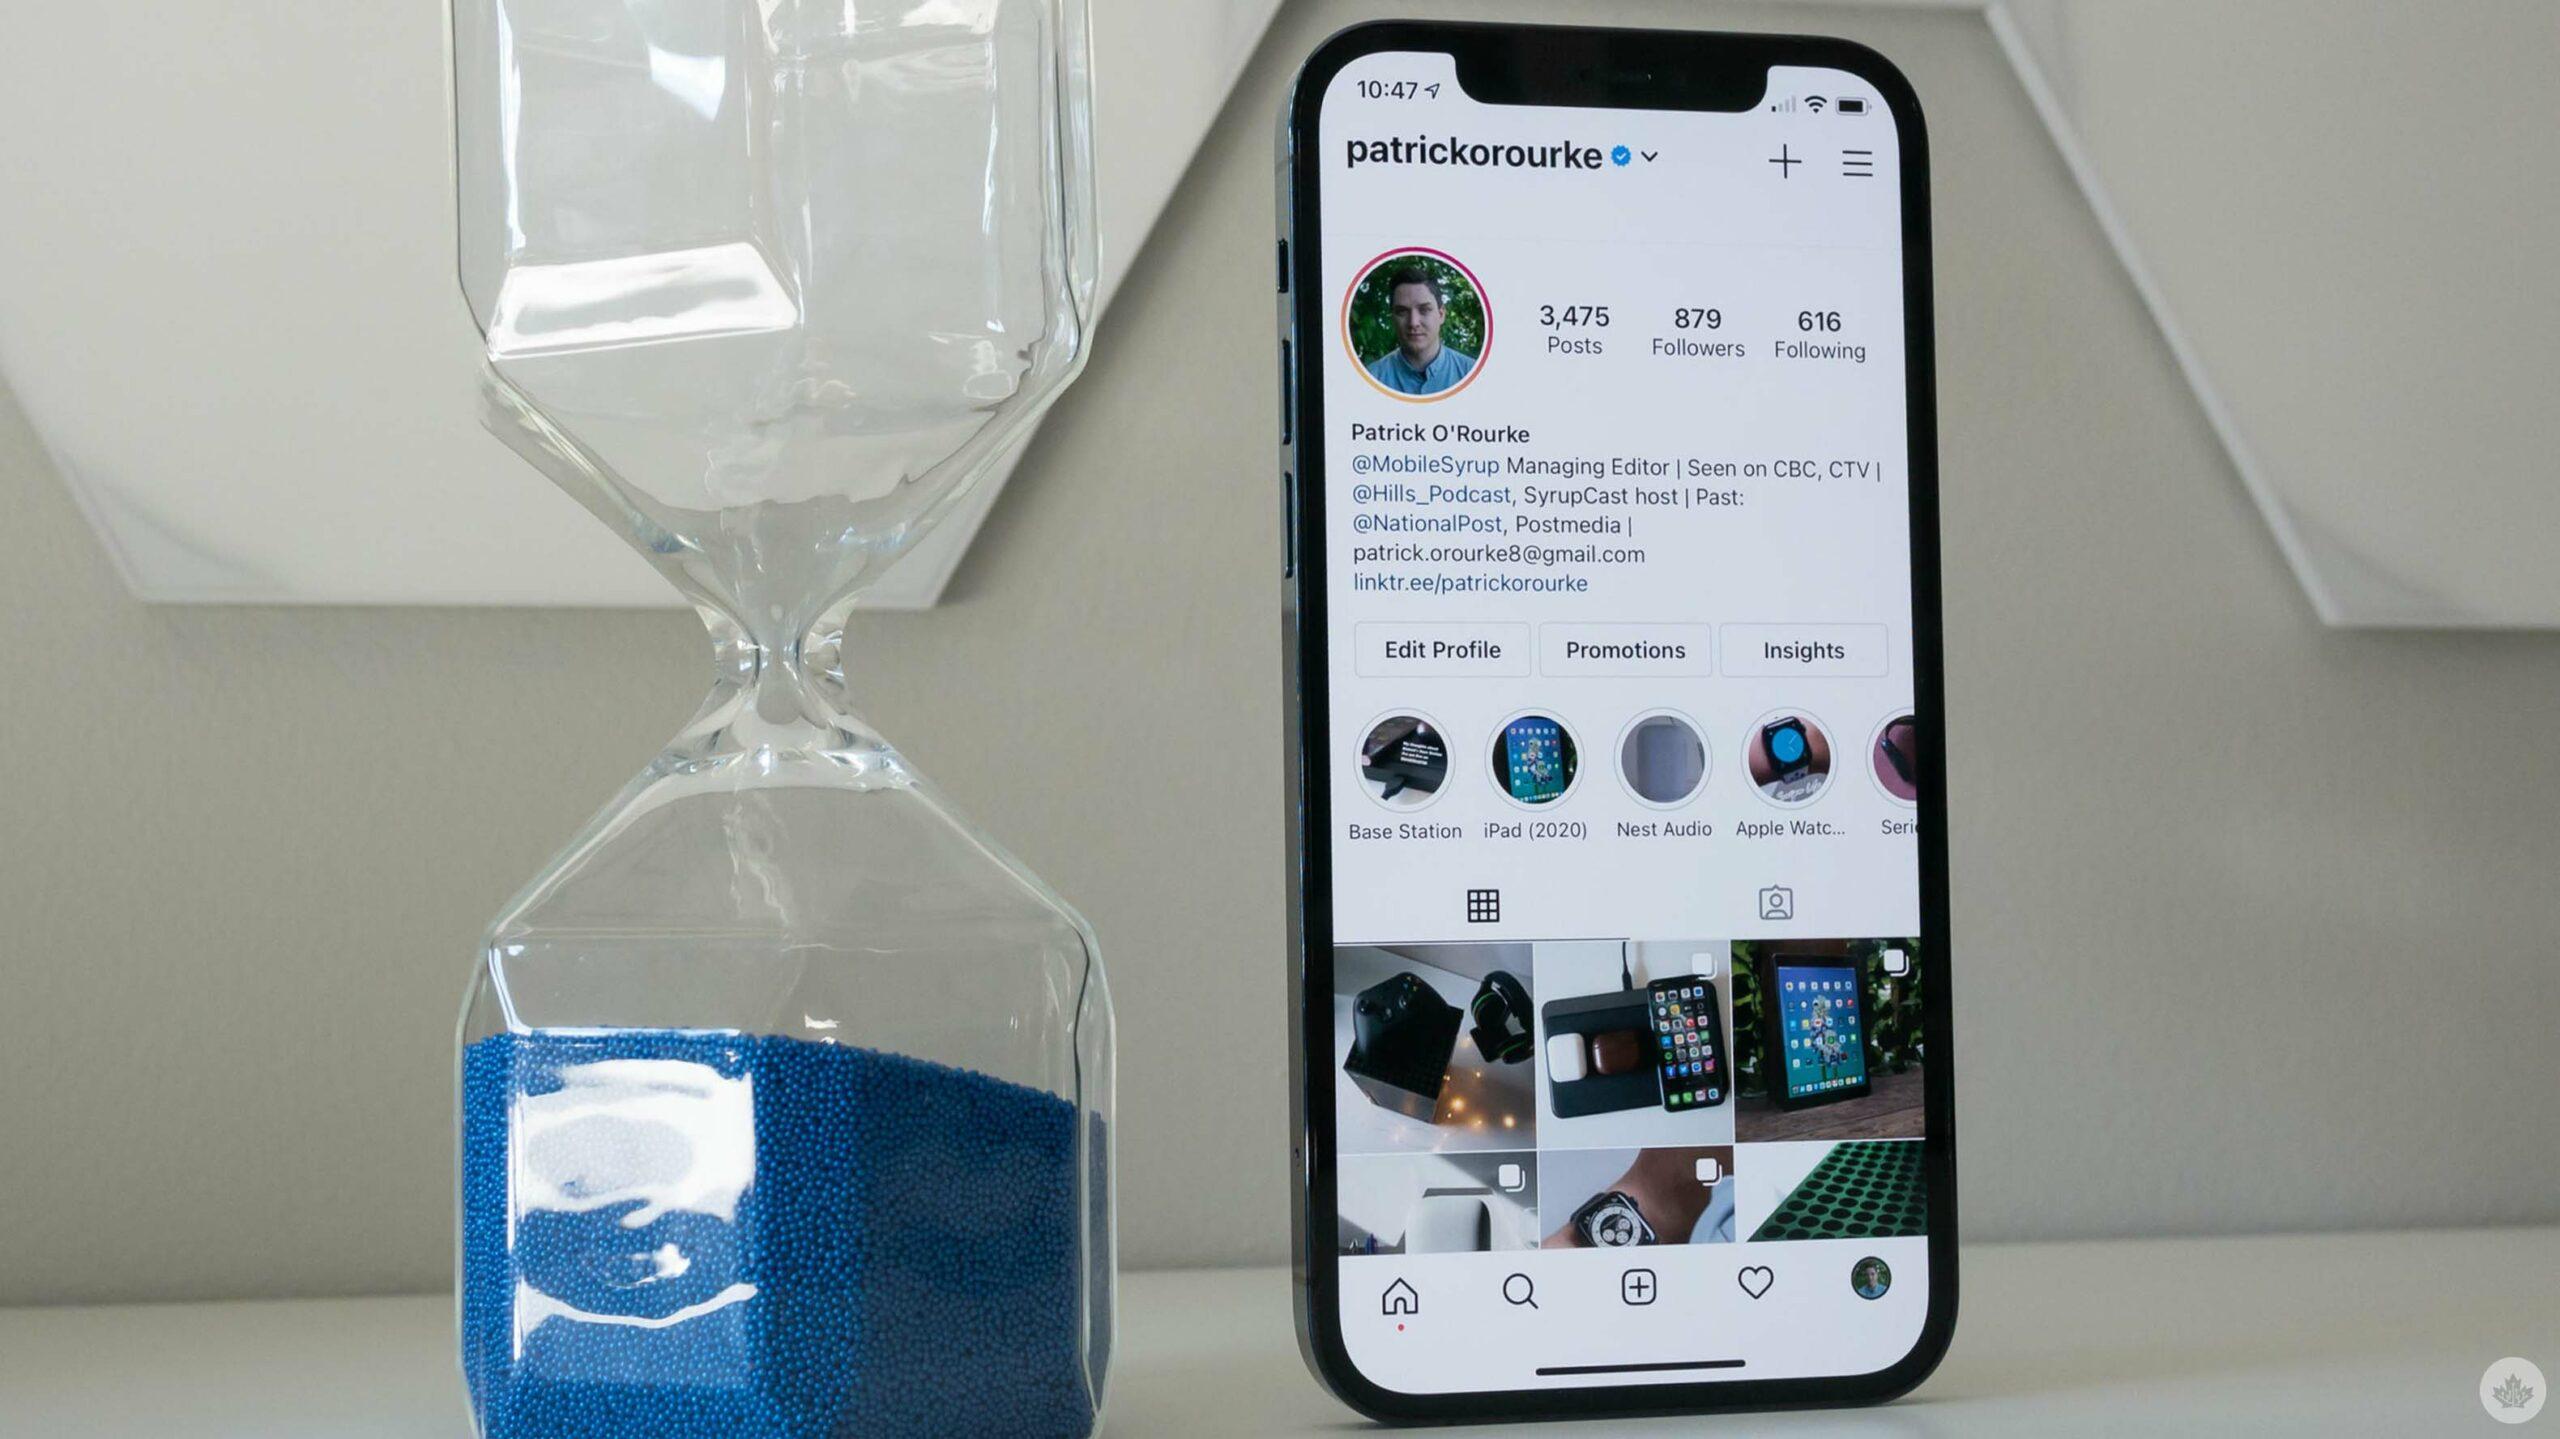 Instagram on iPhone